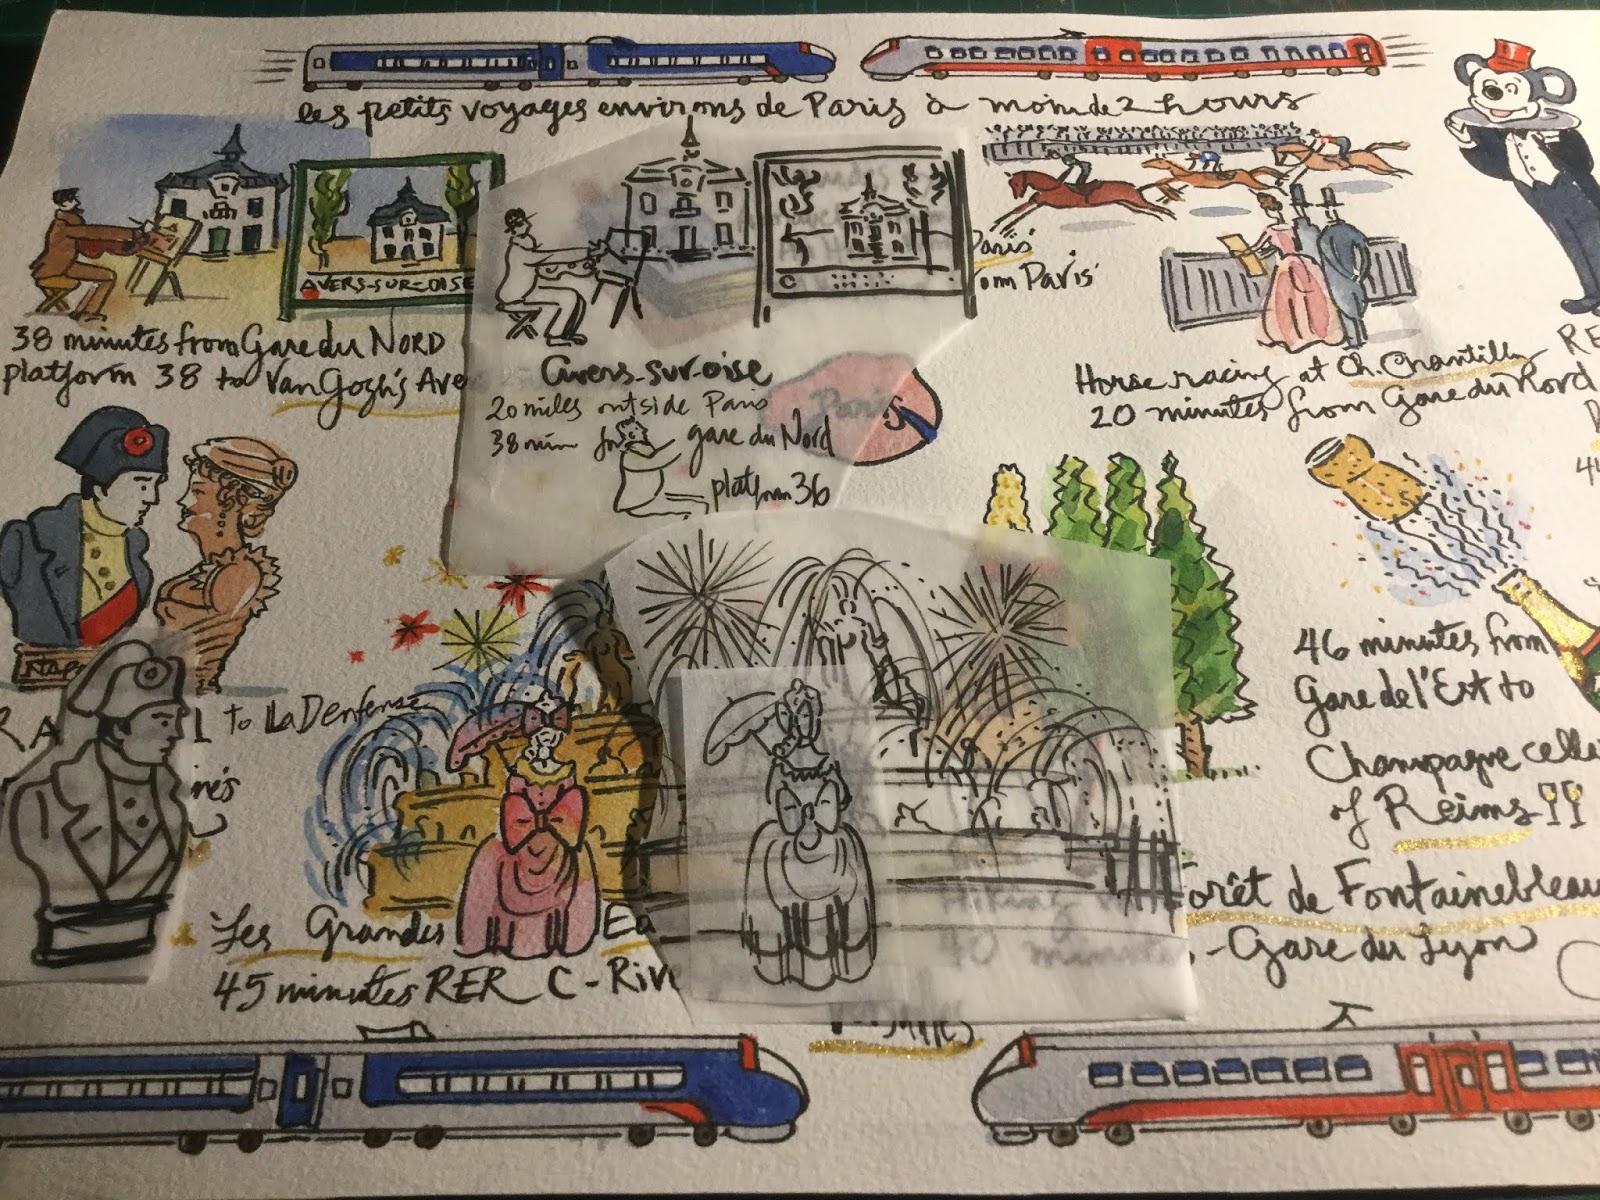 paris breakfasts: Berthe Morisot - musee d'Orsay and the ... on place de la contrescarpe paris, h&m paris, fontainebleau paris, la conciergerie paris, grevin paris, arc de triomphe paris, le kremlin bicetre paris, louvre paris, nike paris, french museums in paris, amelie paris, sacre coeur paris, churches in paris, rer b paris, notre dame paris, chatelet paris, famous places in paris, pompidou paris, trocadero paris, orangerie paris,